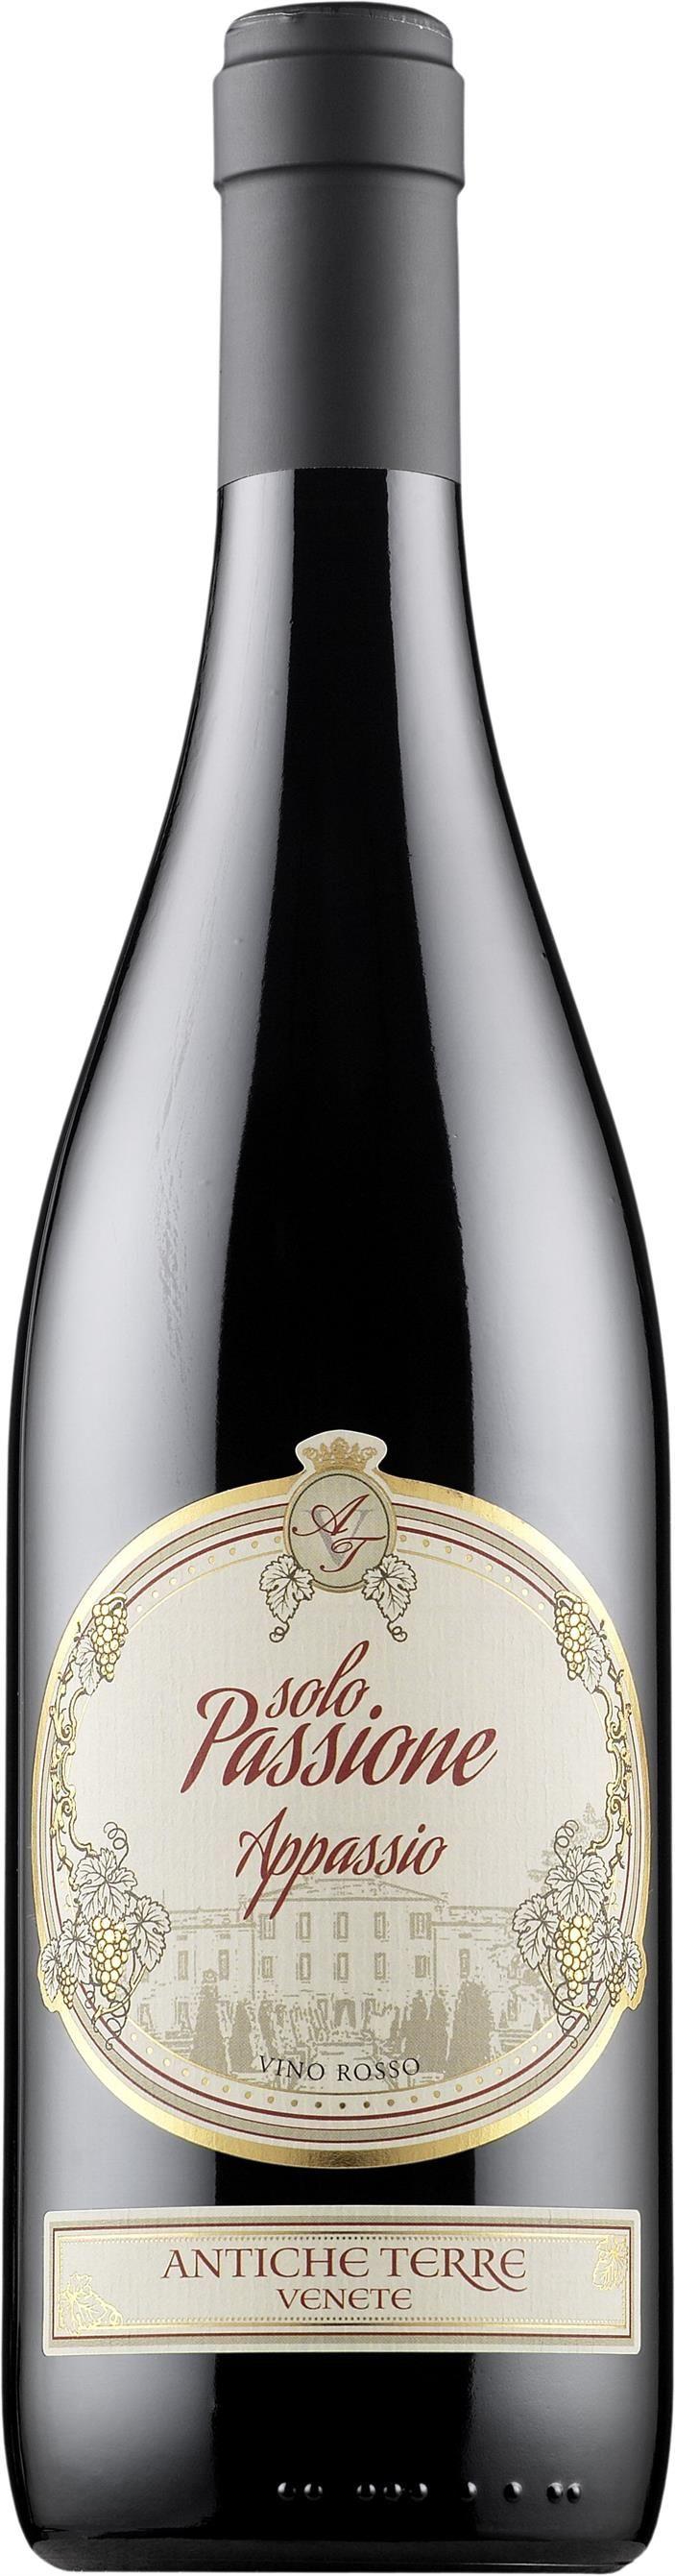 Solo Passione Appassio Vino Rosso 2012 - Tuotteet - Alko